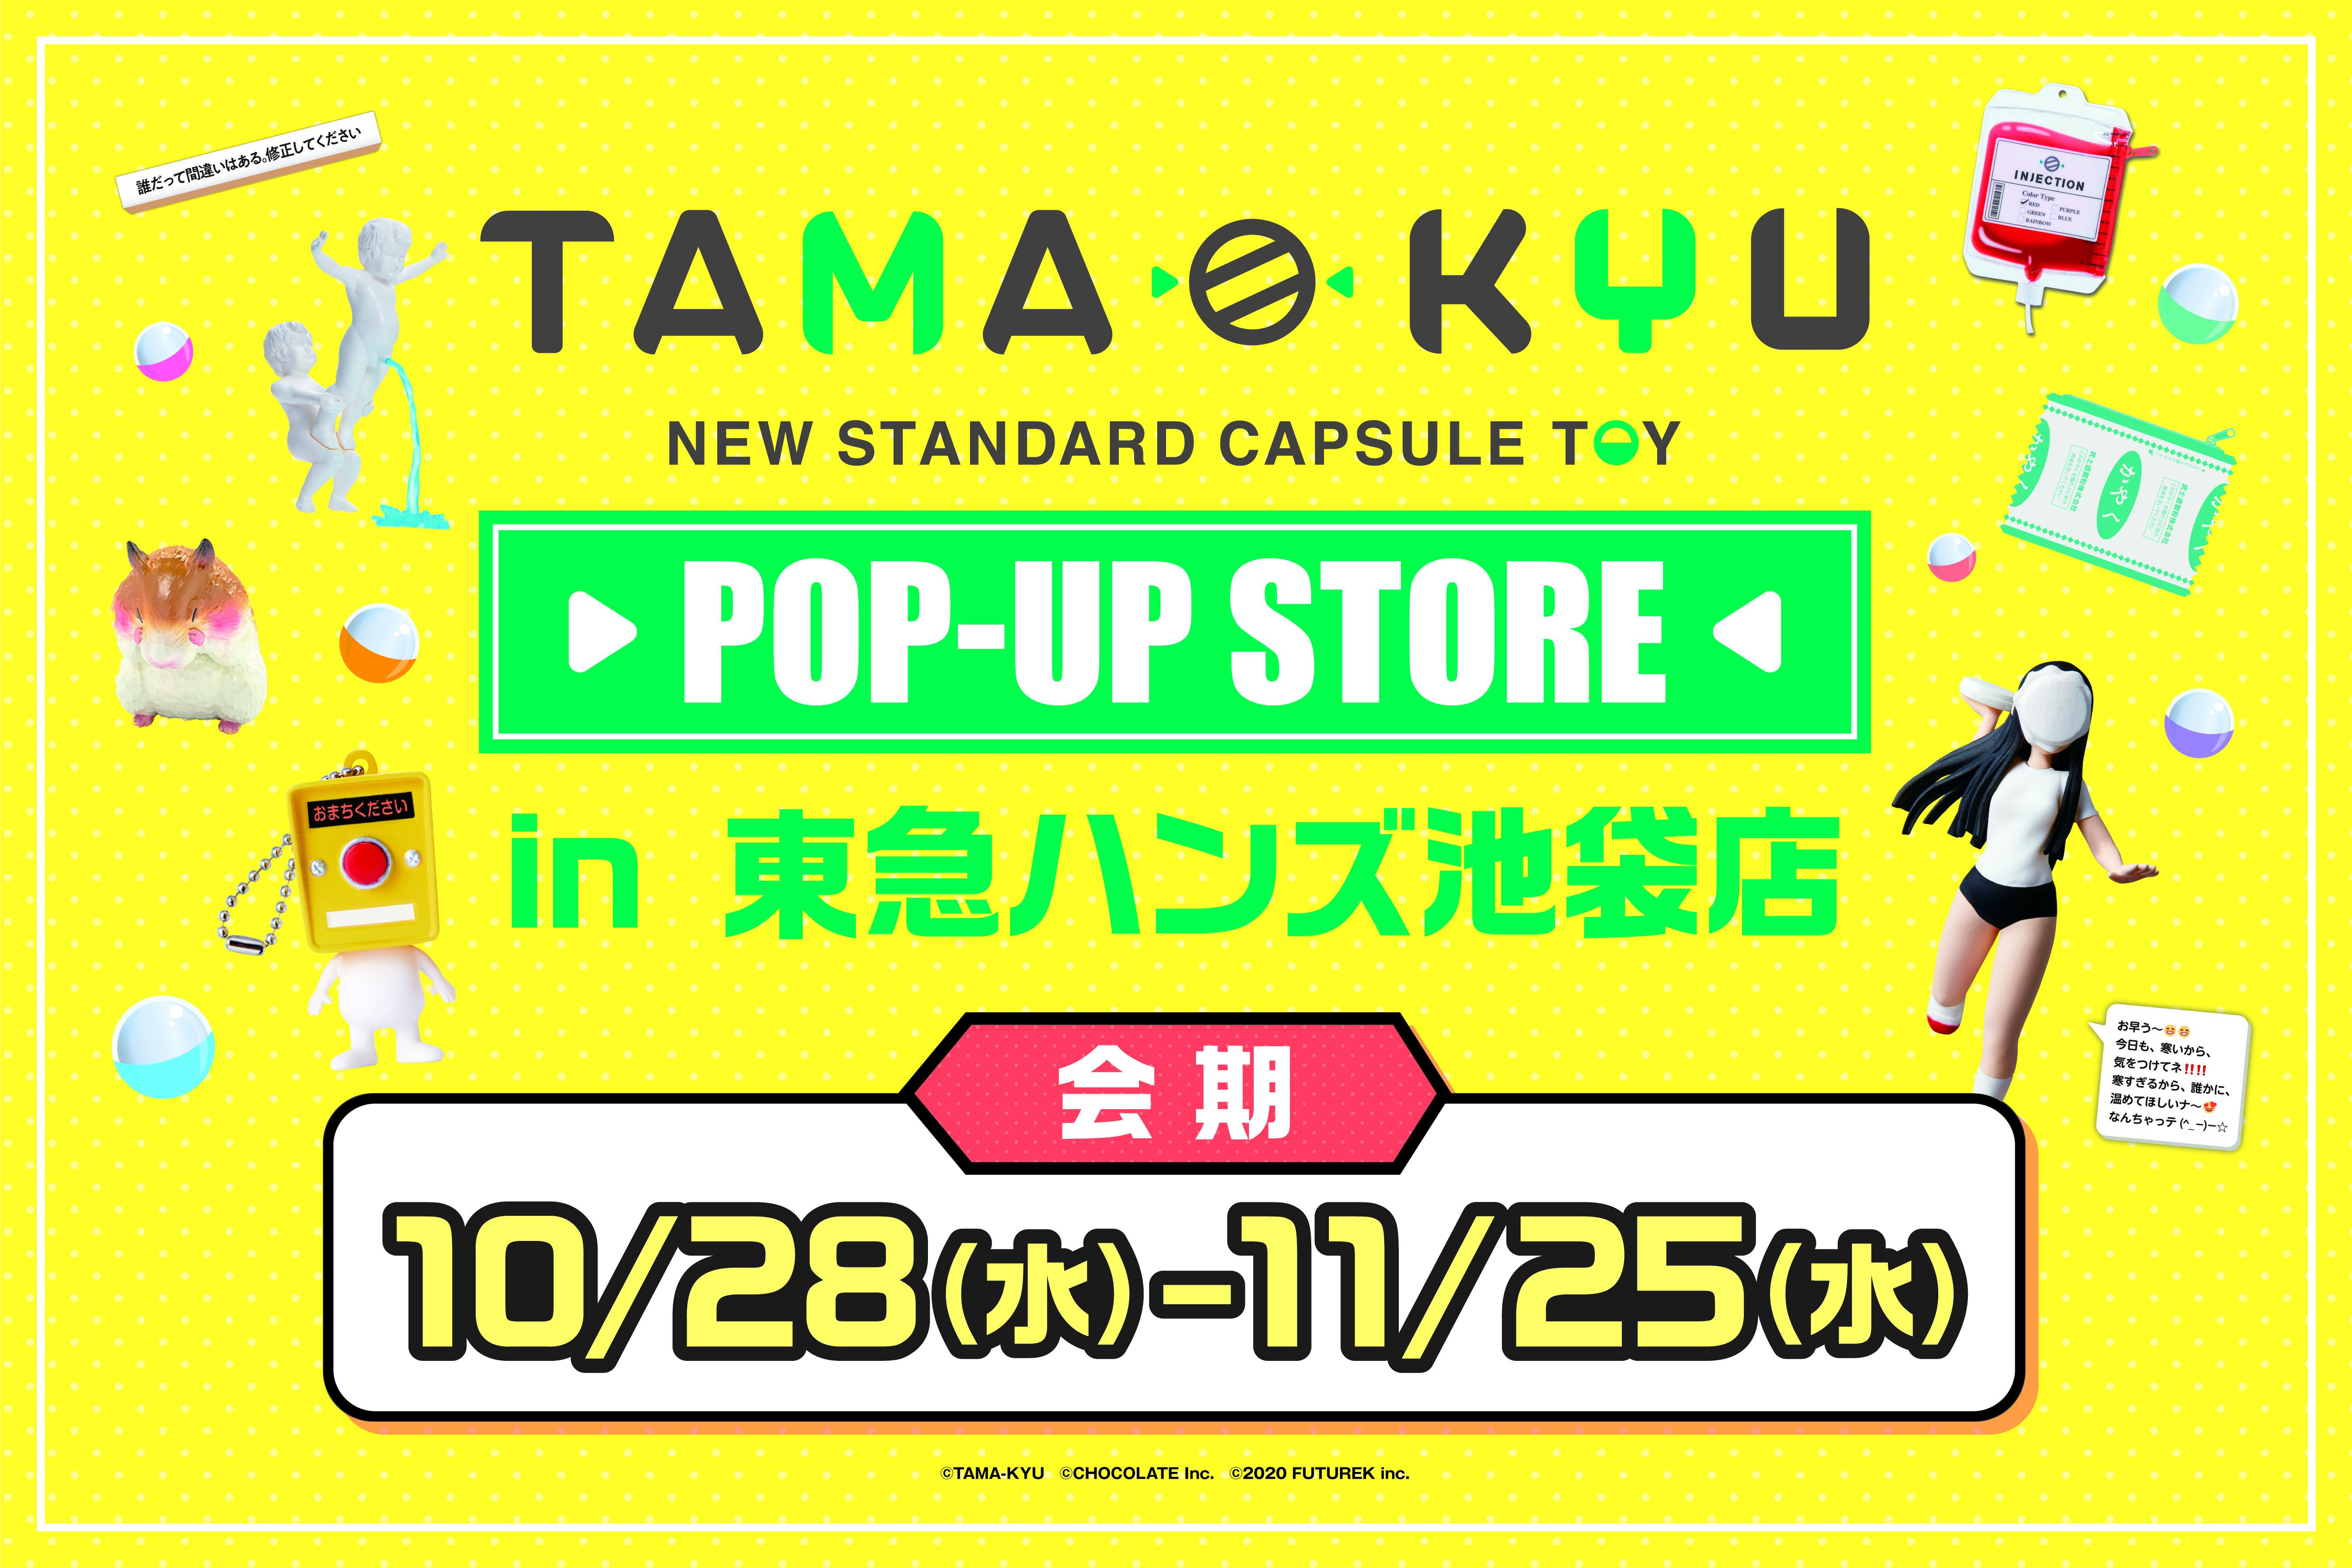 東急ハンズ池袋店にてオリジナルカプセルトイブランド『TAMA-KYU(たまきゅう)』が期間限定ストアをオープン!